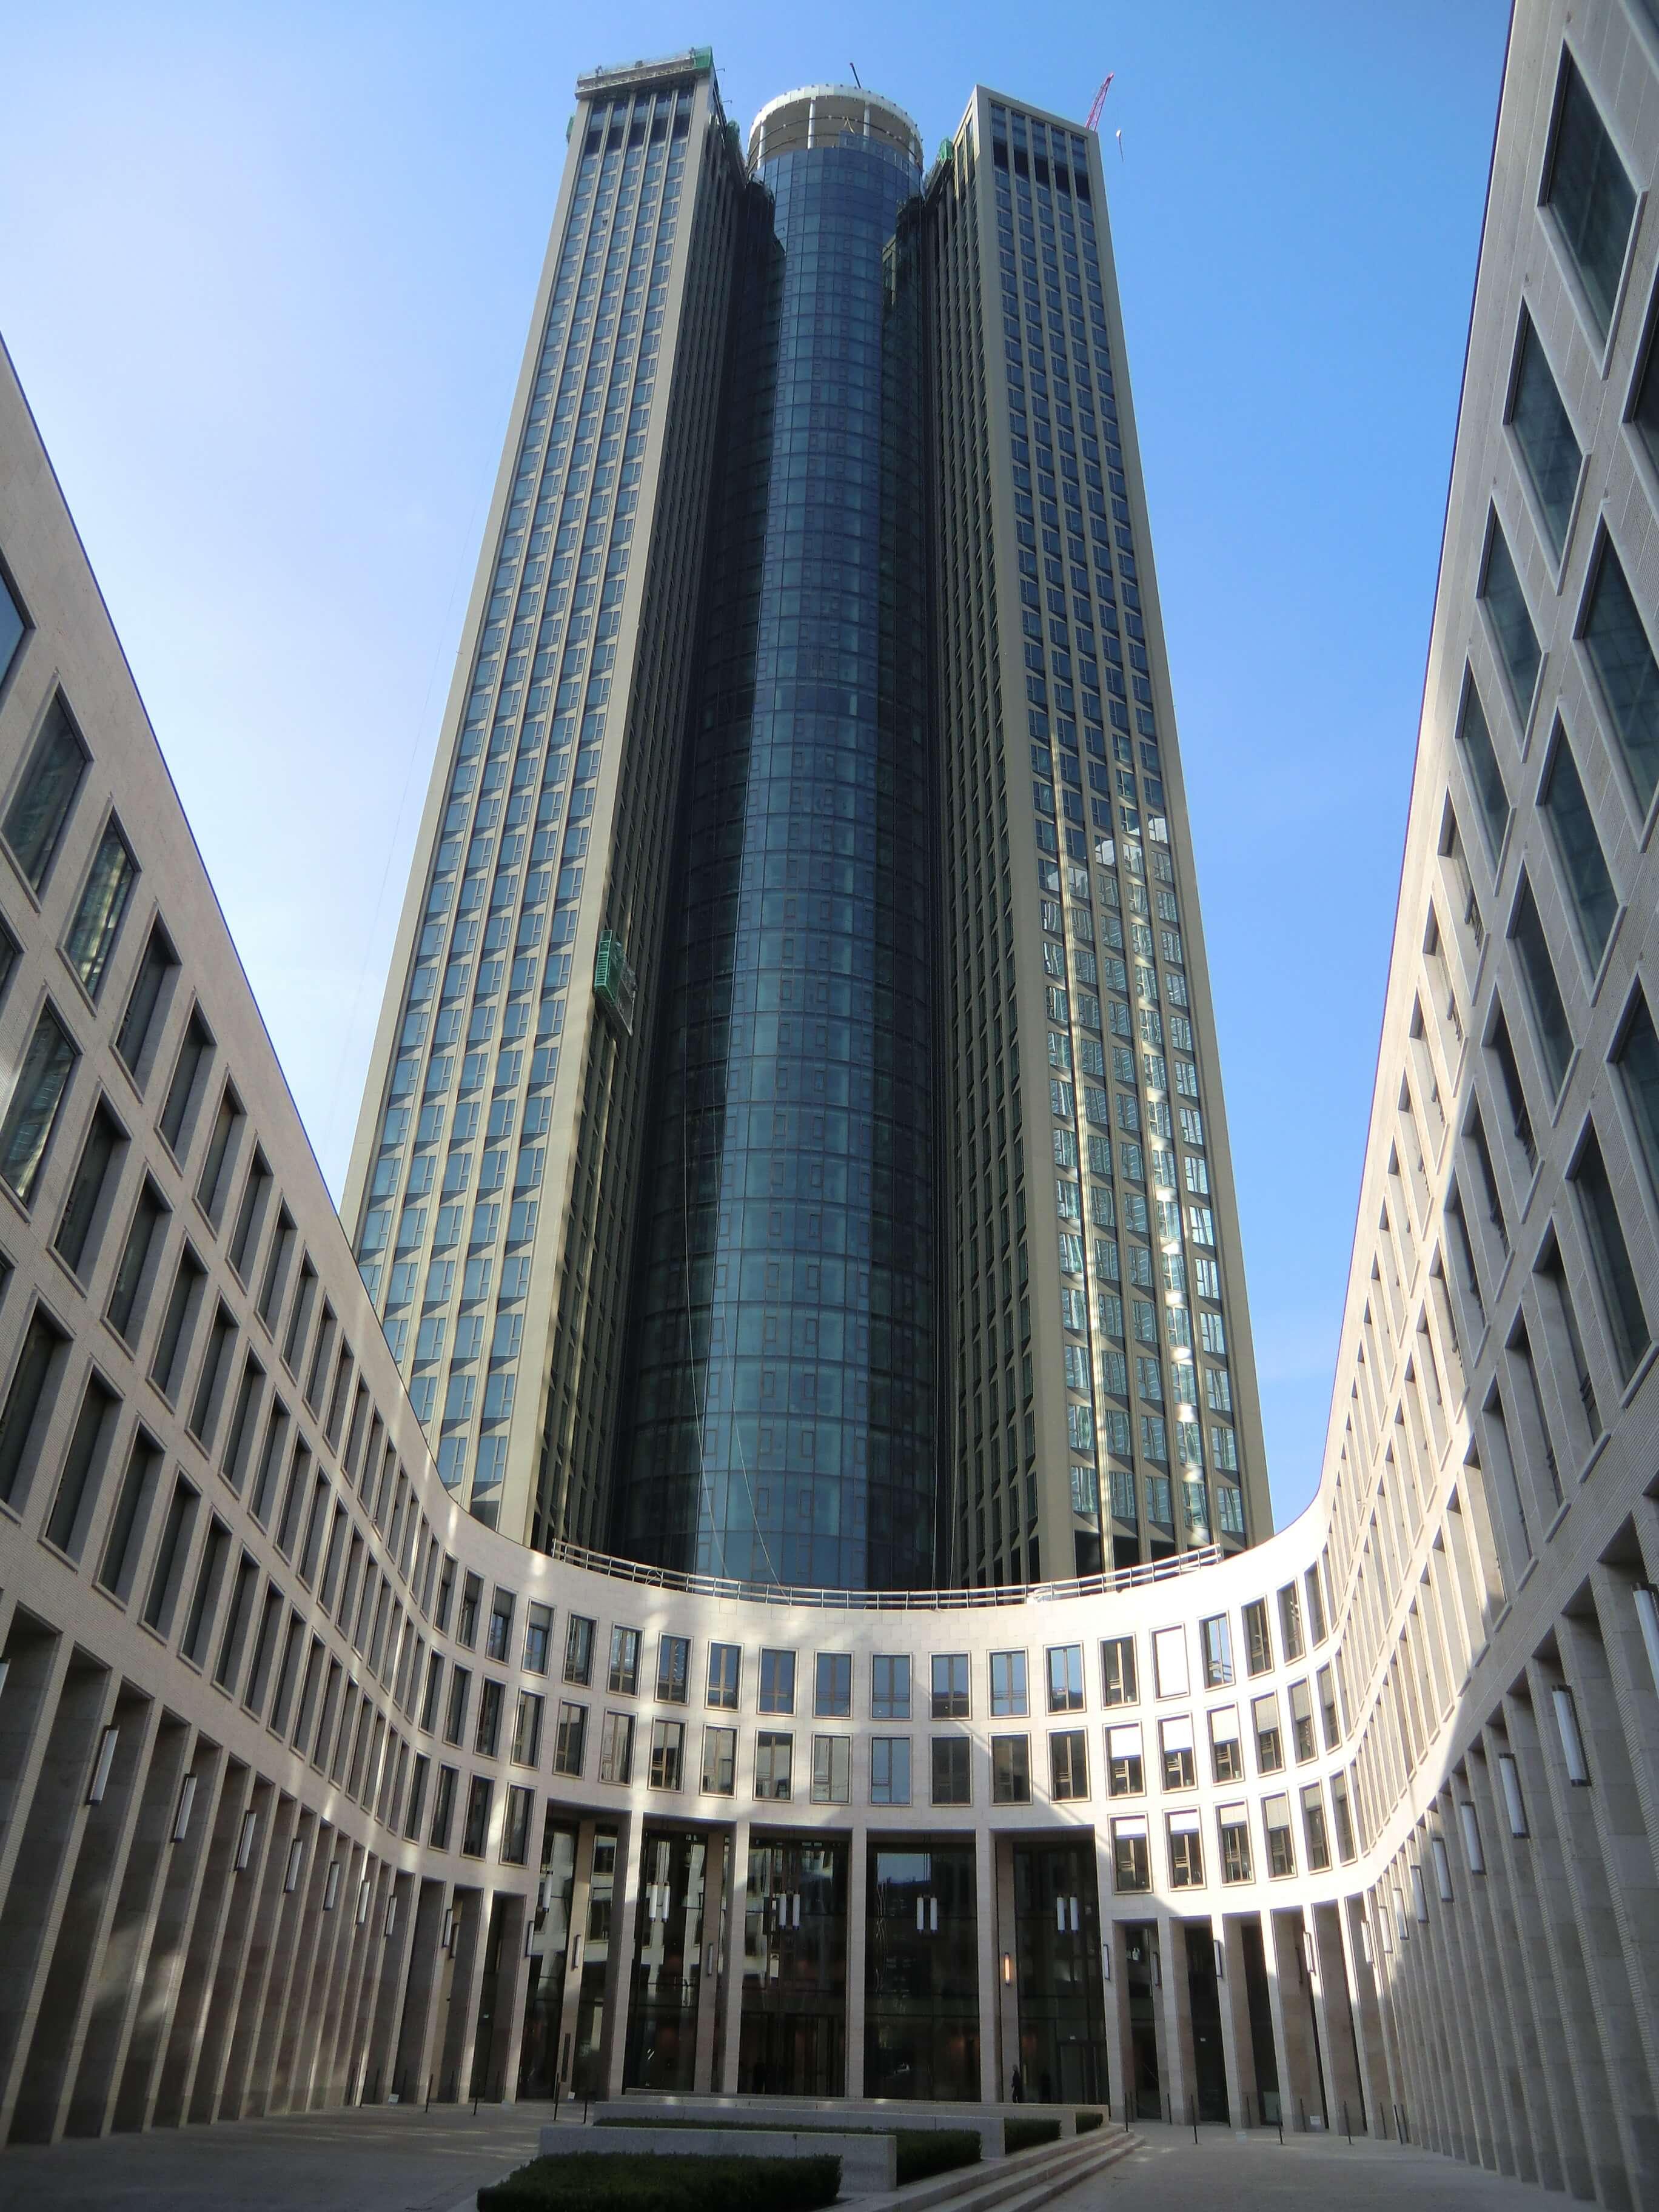 Wohnen In Frankfurt Am Main Immobilien Wohnungen Häuser Bei